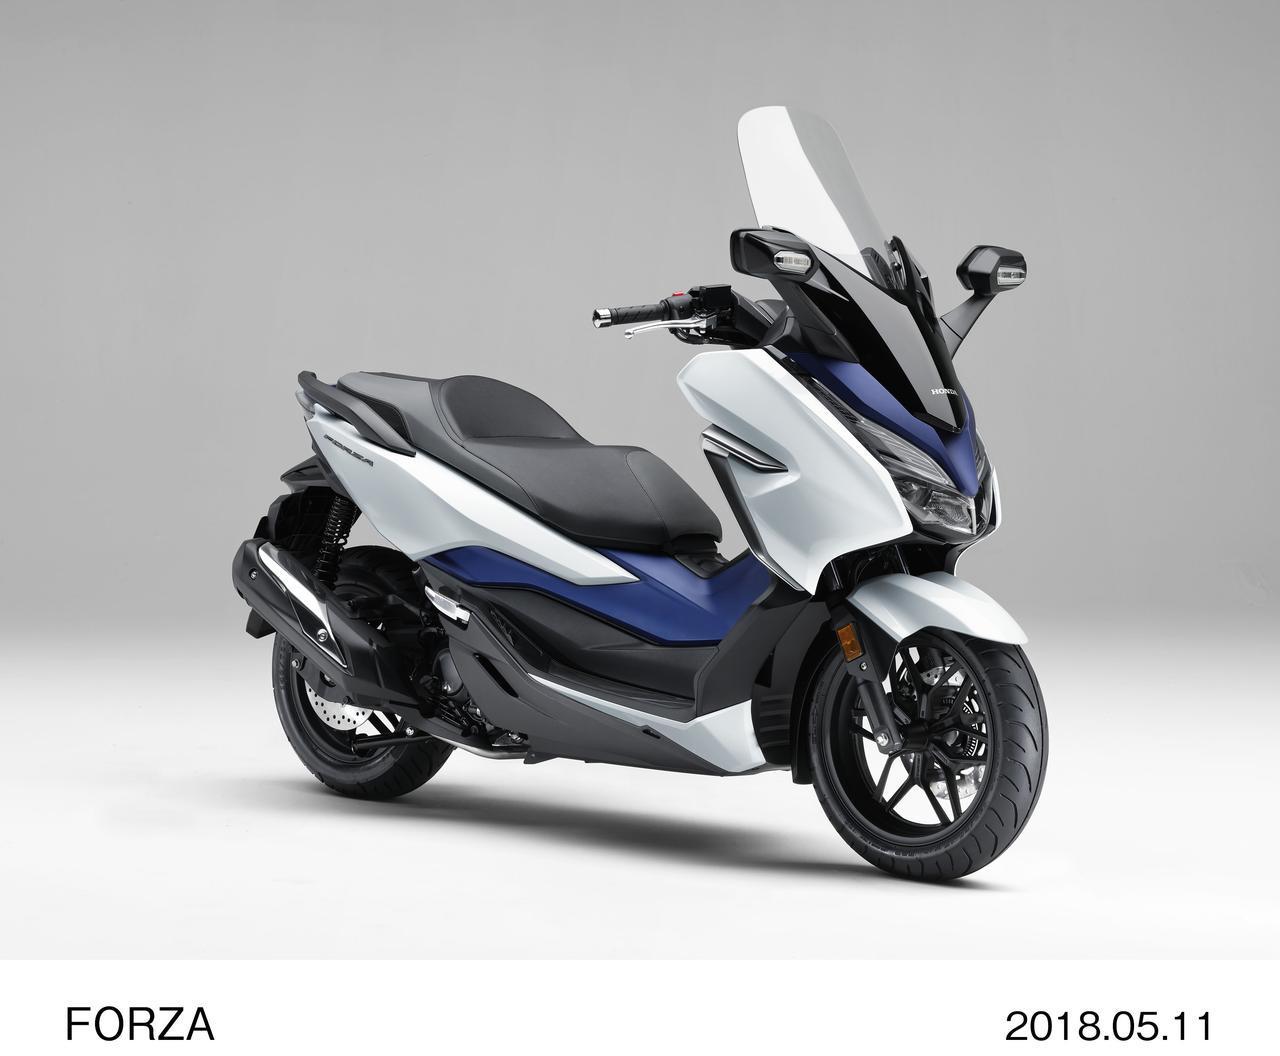 画像: 安定したタンデム走行や買い物をさらに快適に。 進化したホンダ「フォルツァ」が実用的すぎる! - LAWRENCE - Motorcycle x Cars + α = Your Life.